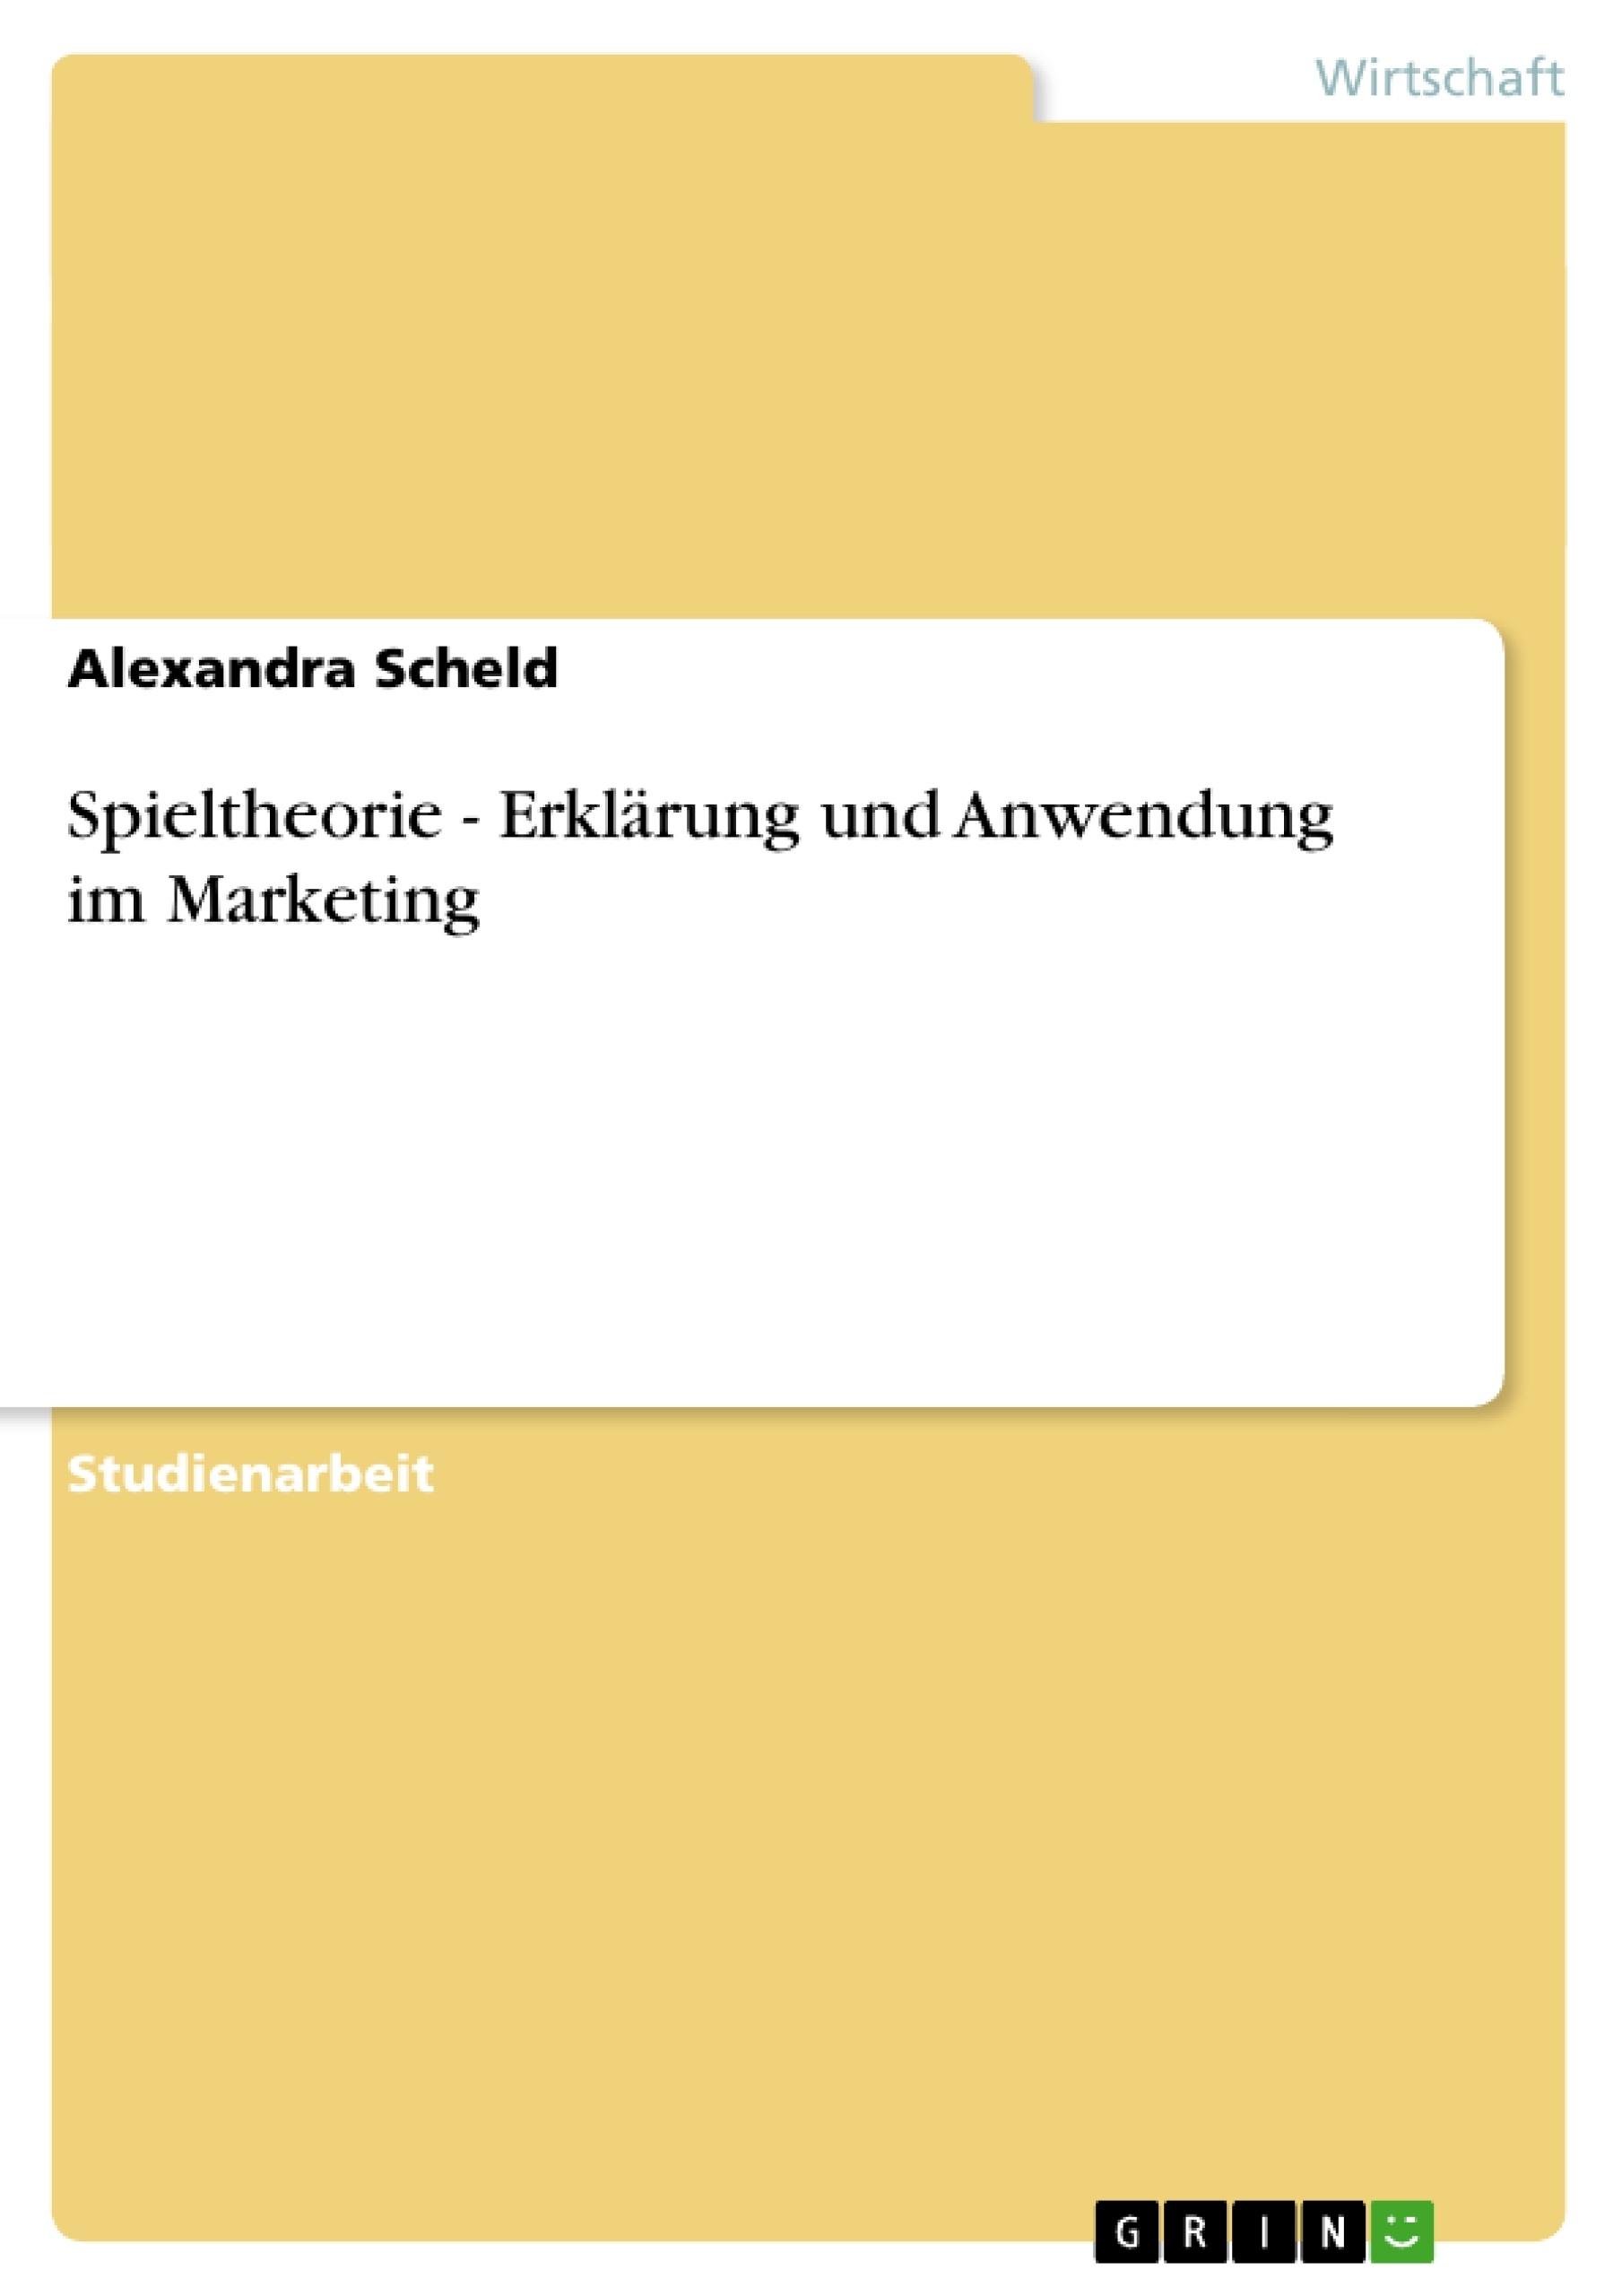 Titel: Spieltheorie - Erklärung und Anwendung im Marketing